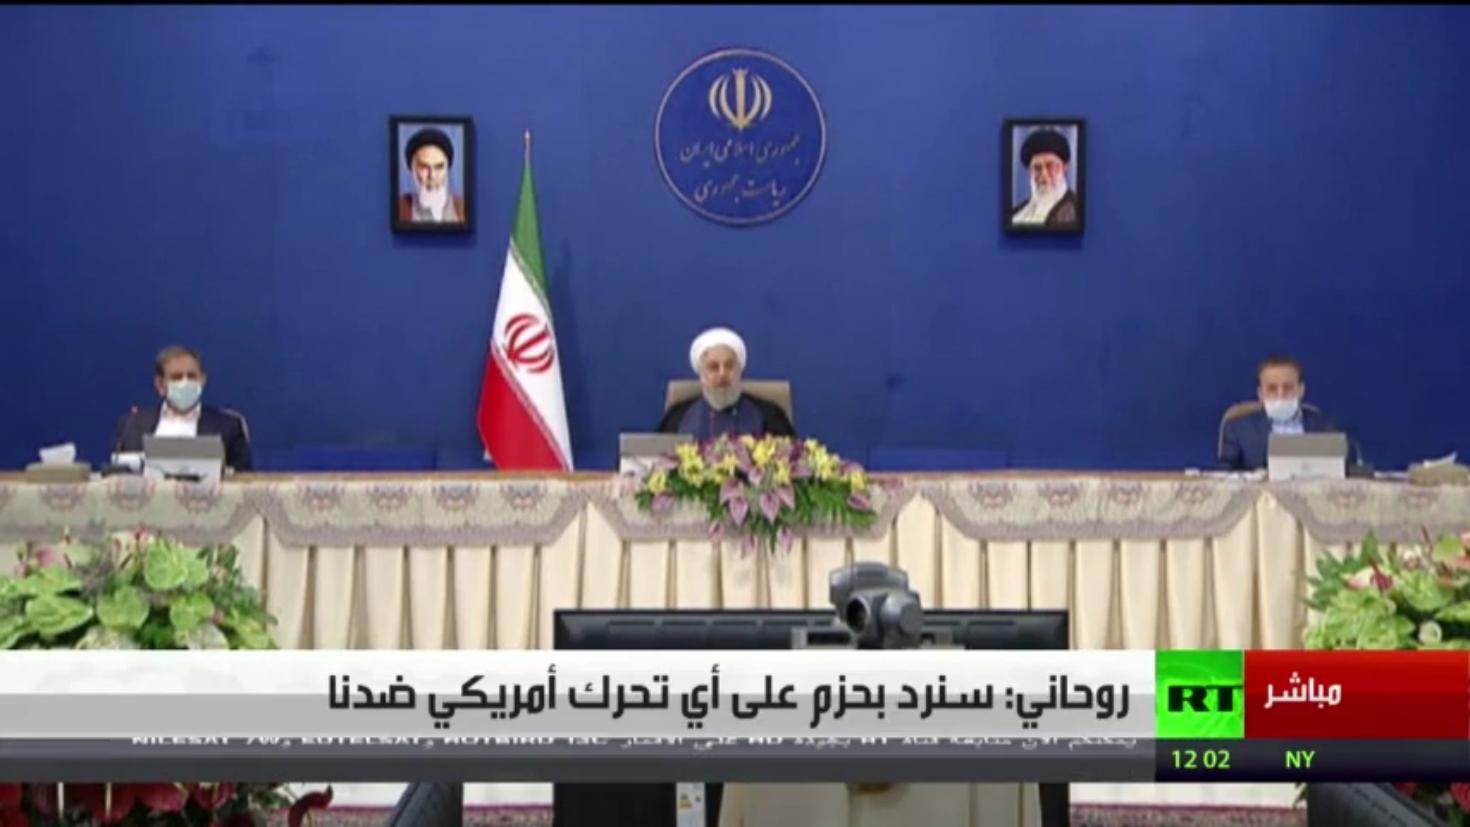 روحاني: سنرد بحزم على أي تحرك أمريكي ضدنا